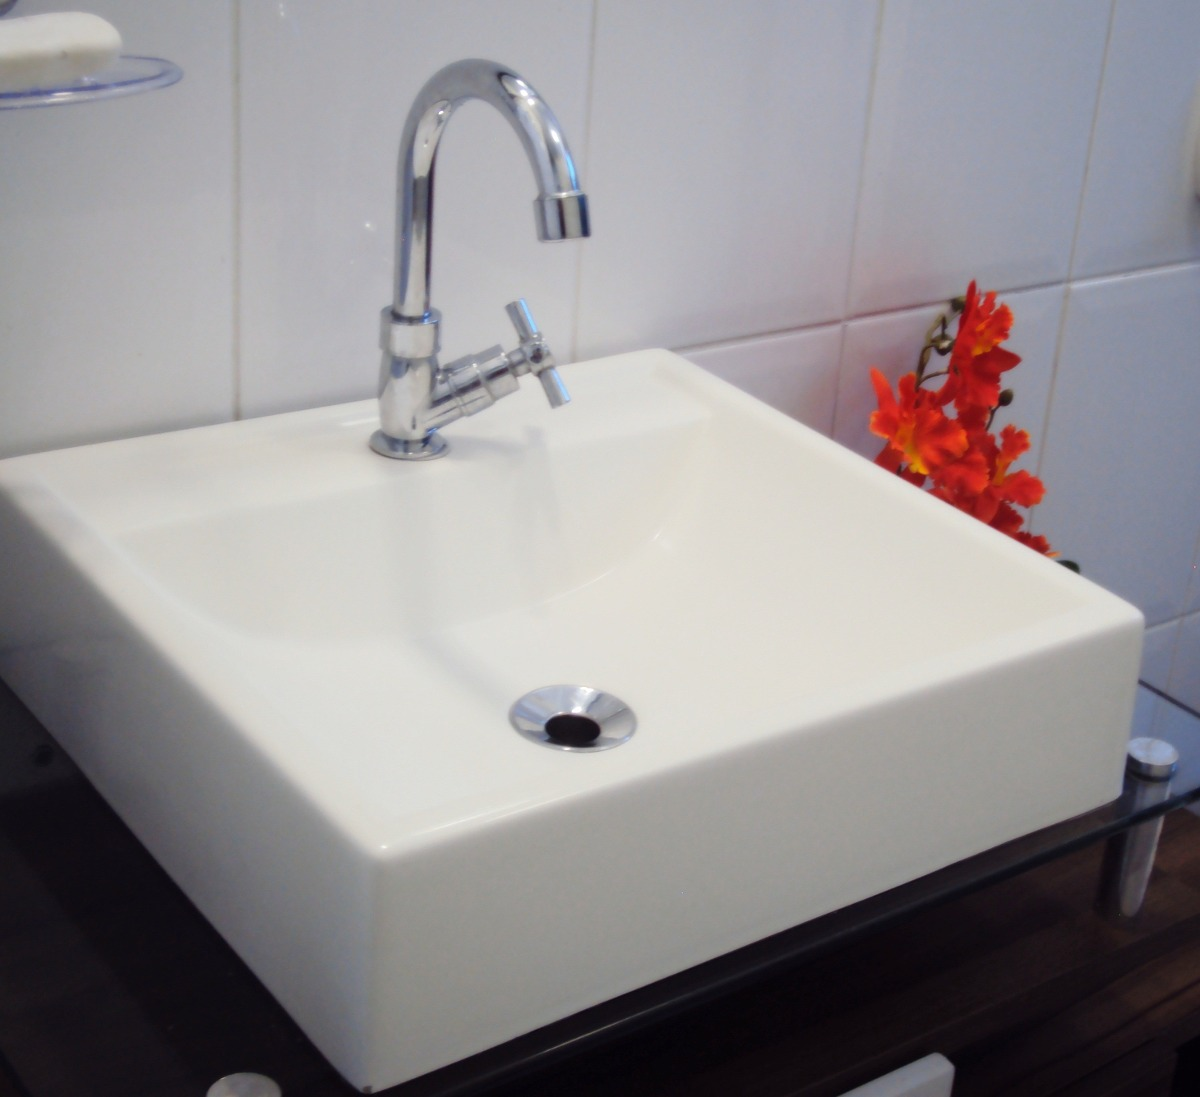 Pia Cuba Sobrepor Para Banheiro  R$ 99,90 no MercadoLivre -> Pia De Banheiro Autocad